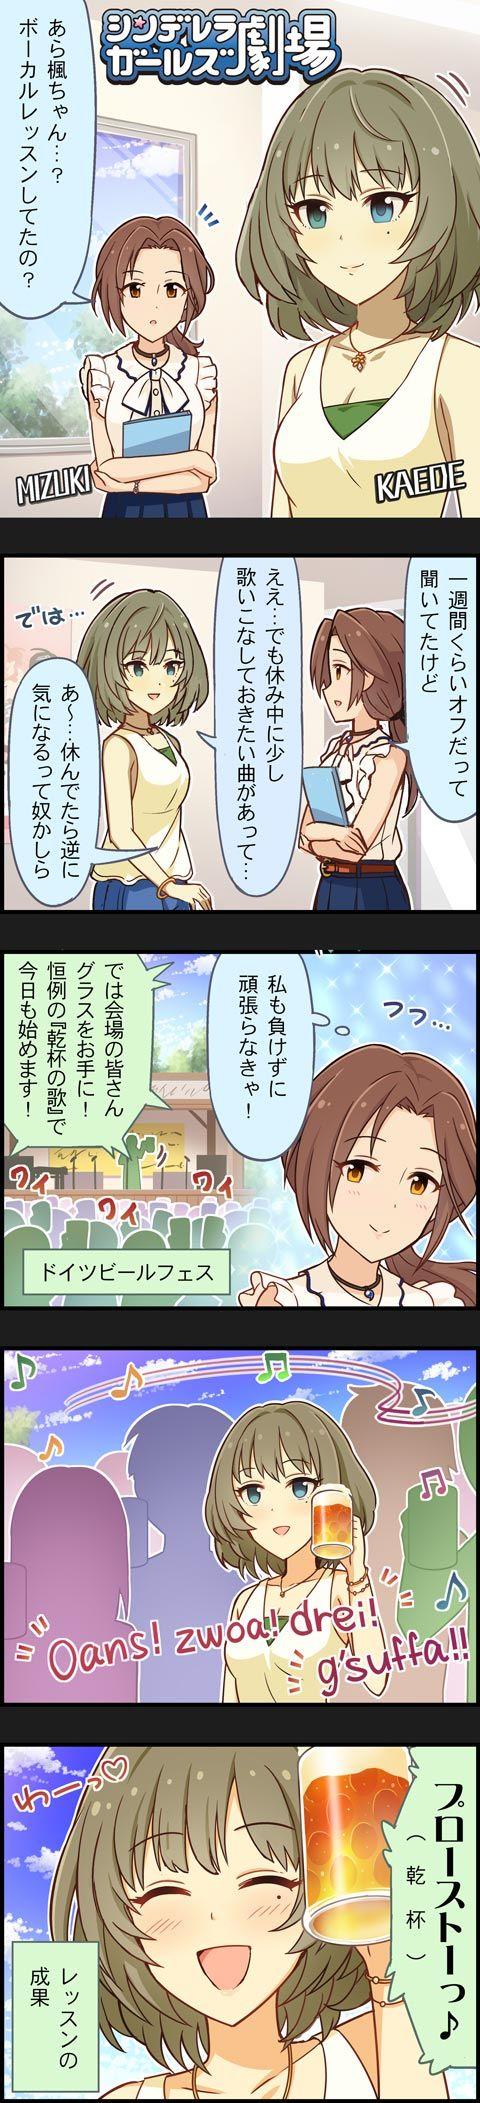 【第720話】レッスンの成果